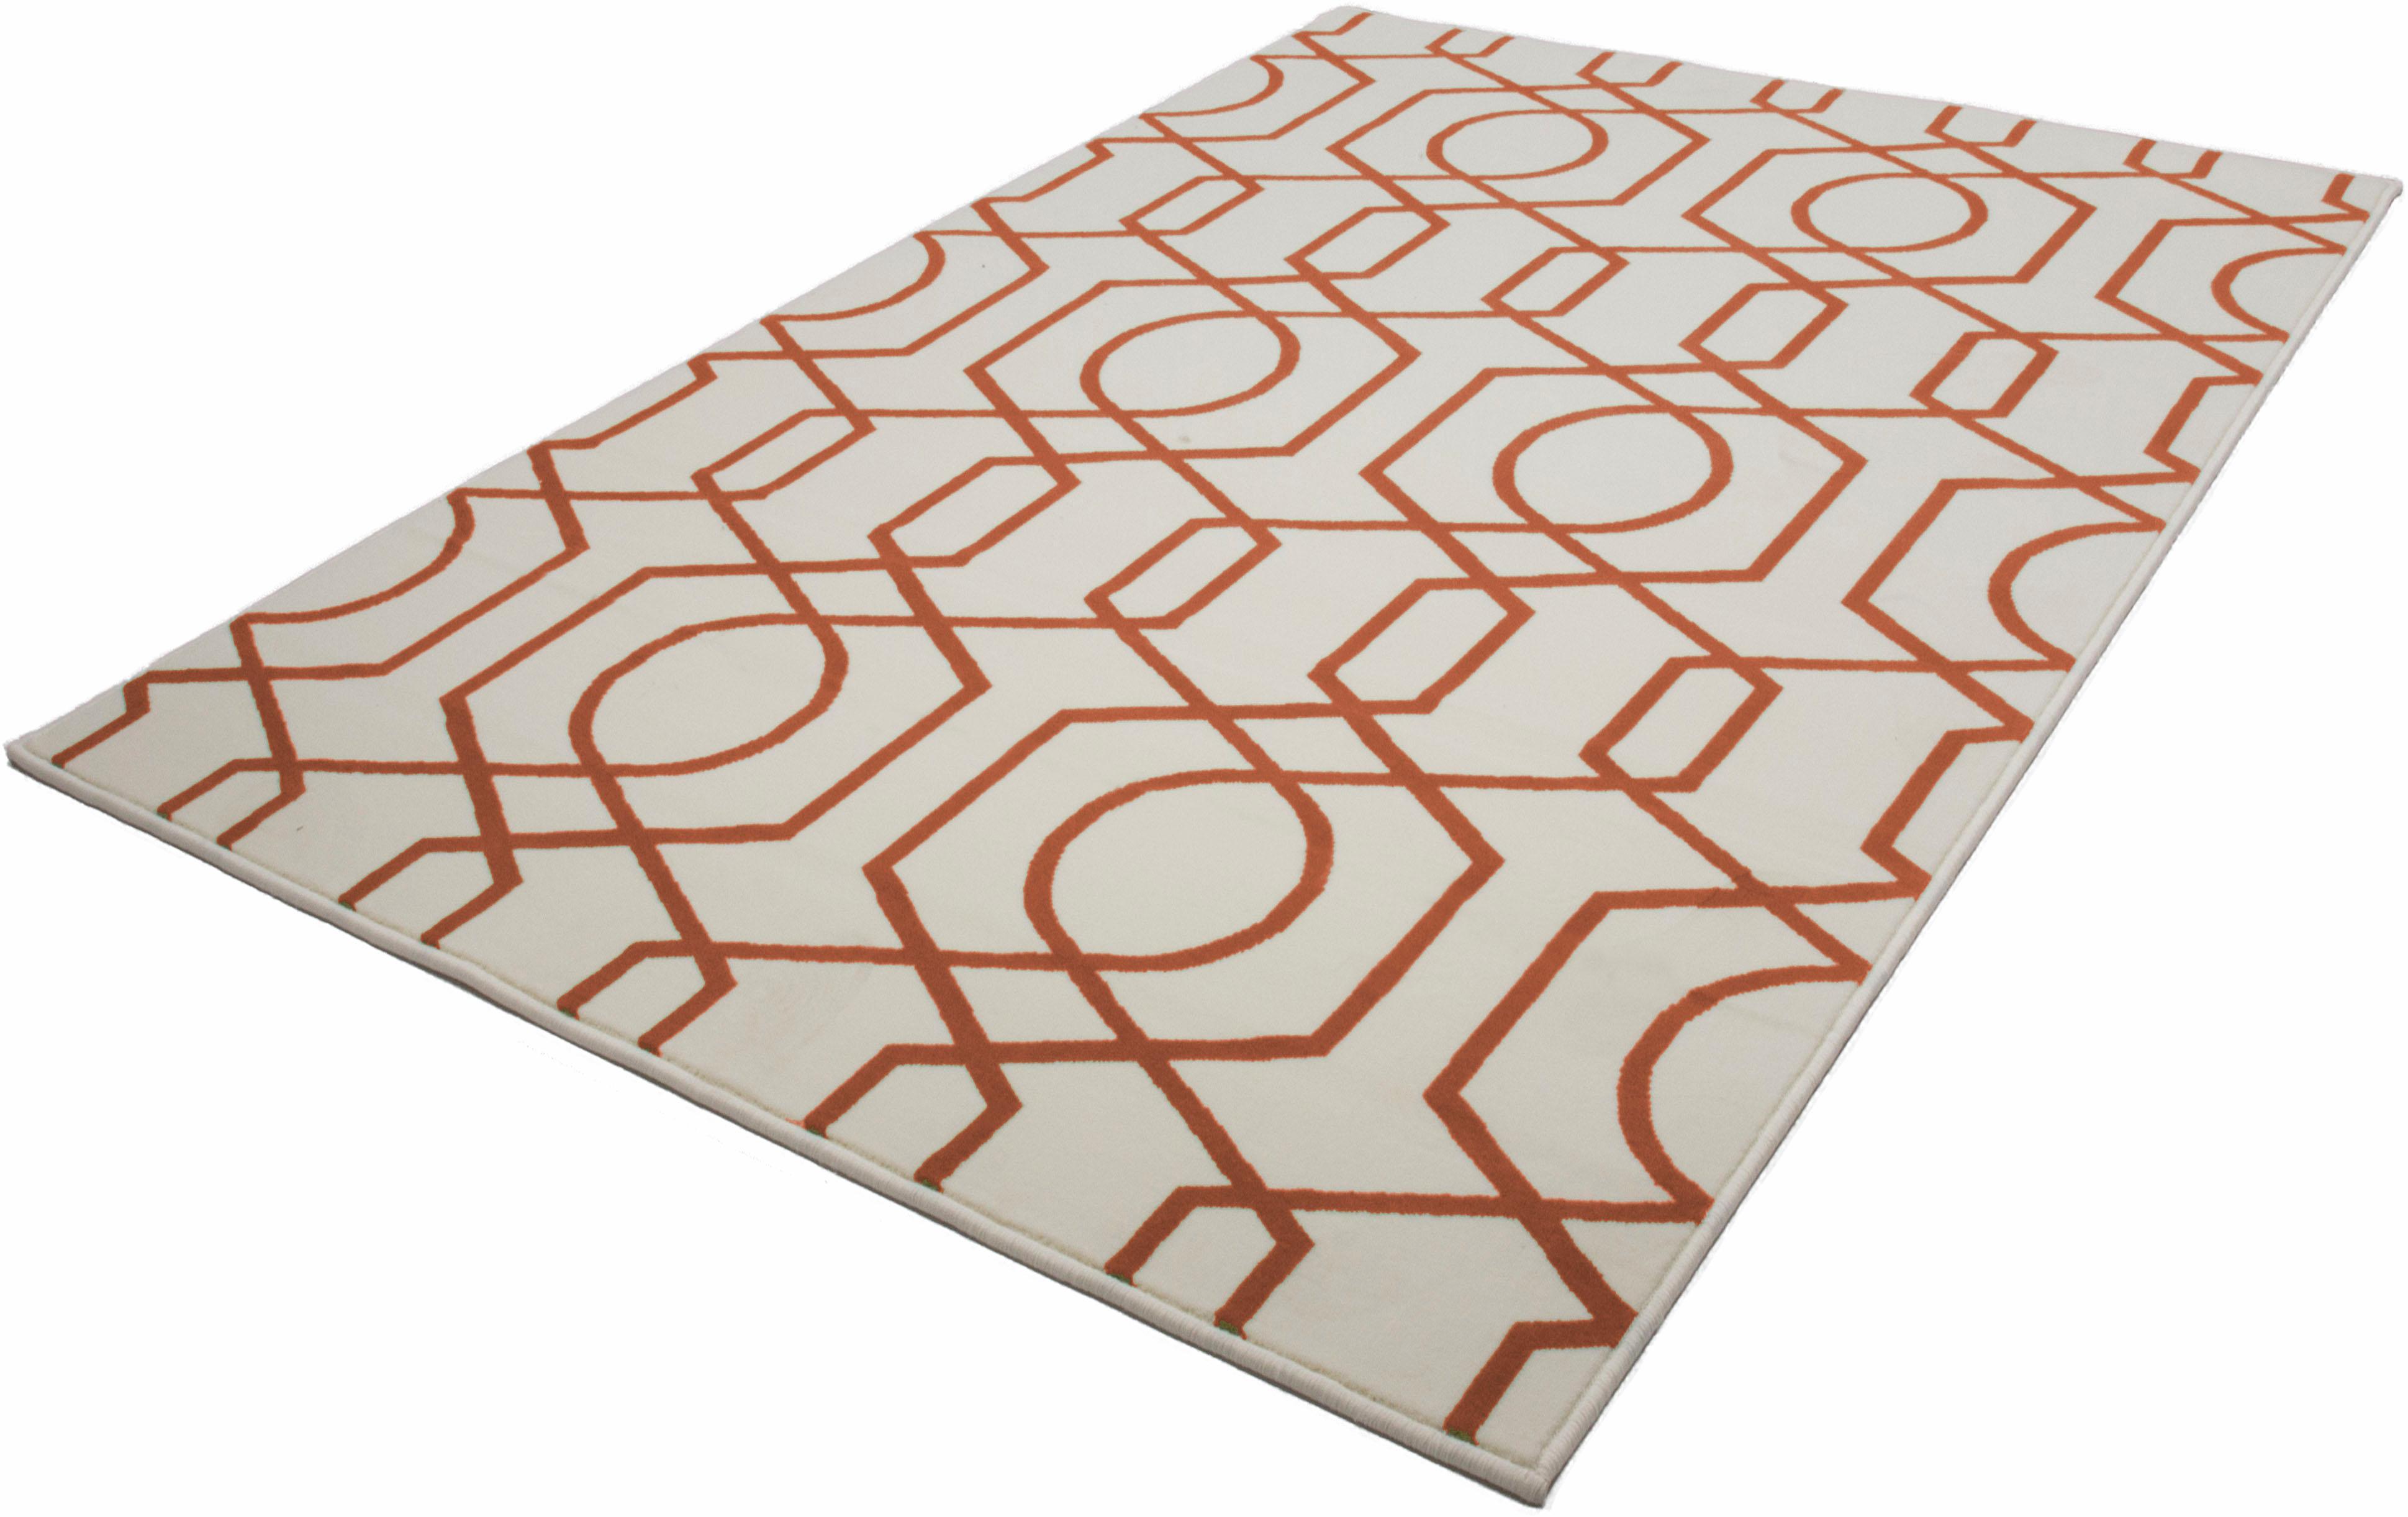 Teppich Now! 400 Kayoom rechteckig Höhe 10 mm